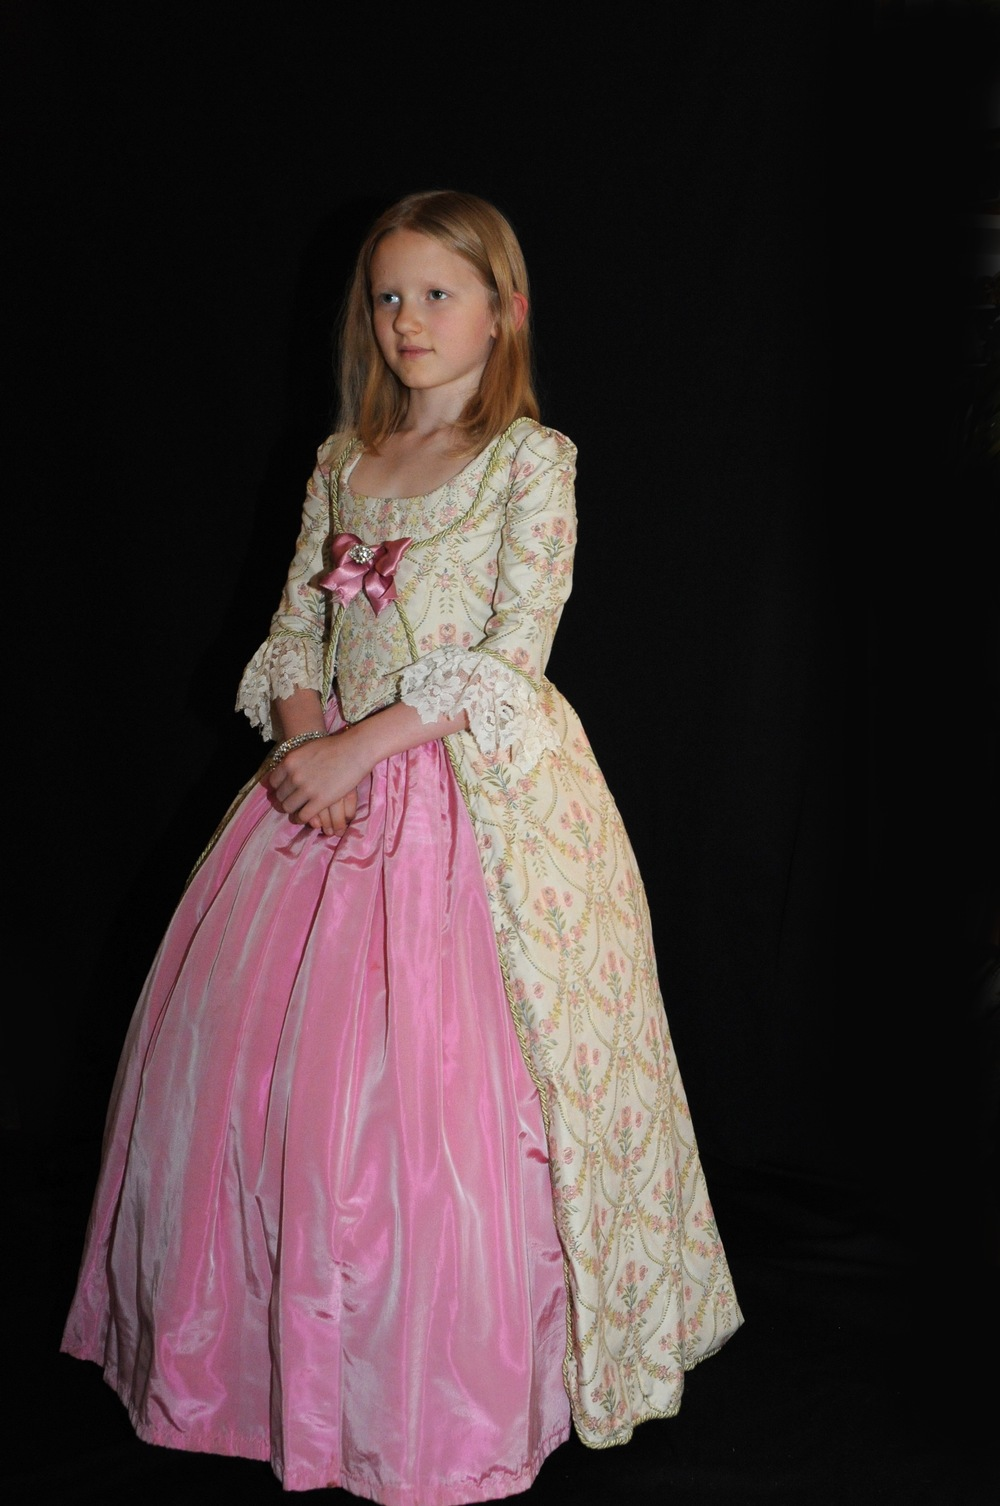 Robe XVIIIe siècle petite fille en taffetas de soie rose et tissu broché